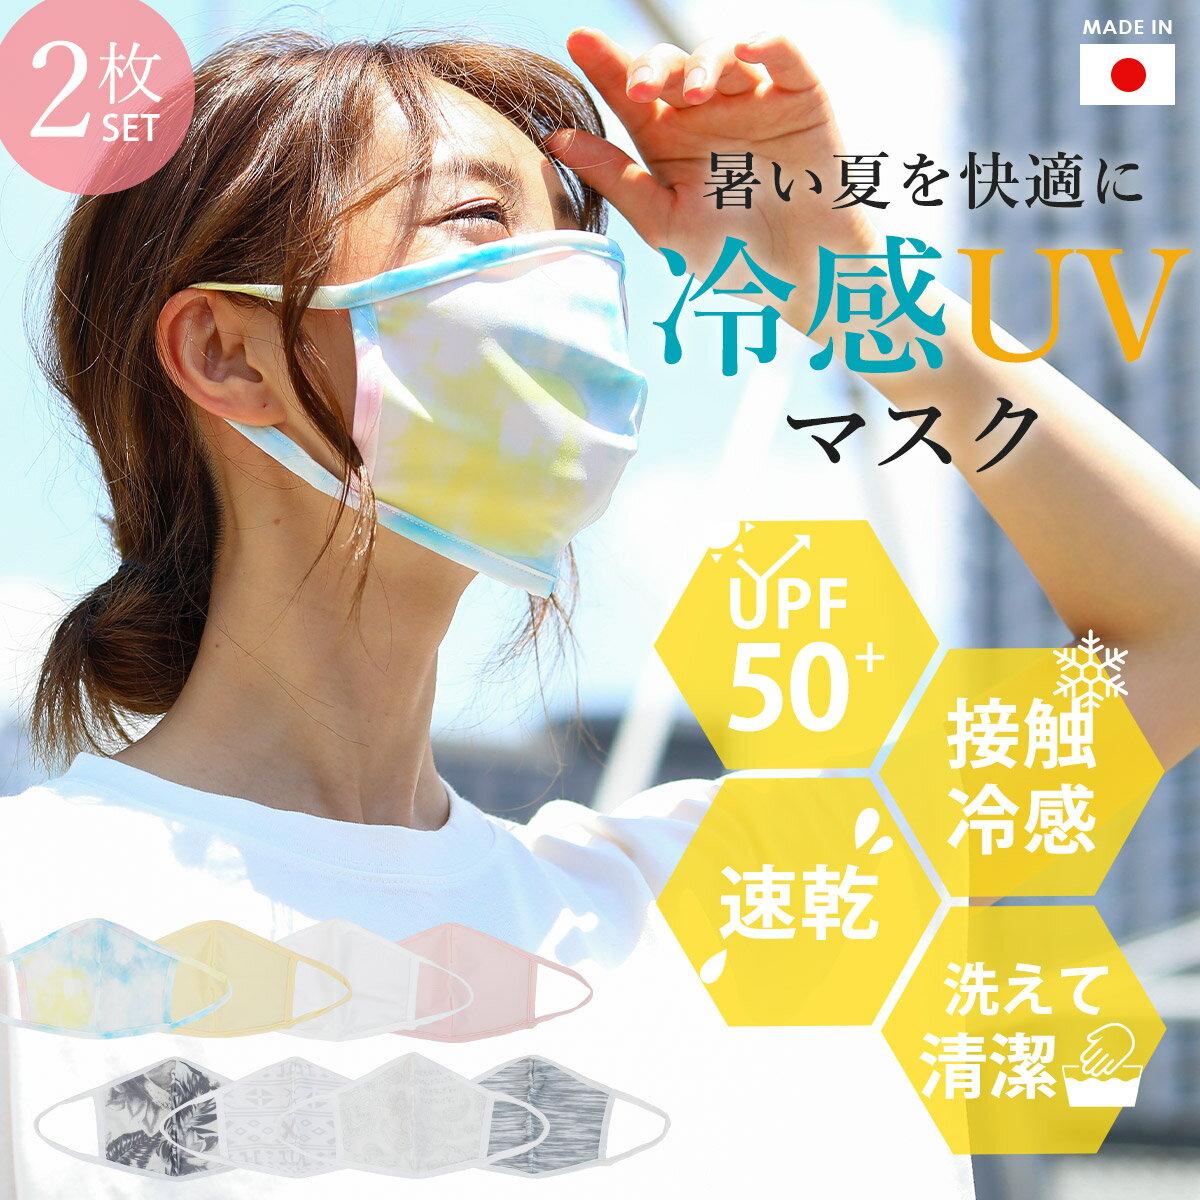 ランキング 製 日本 感 冷 マスク